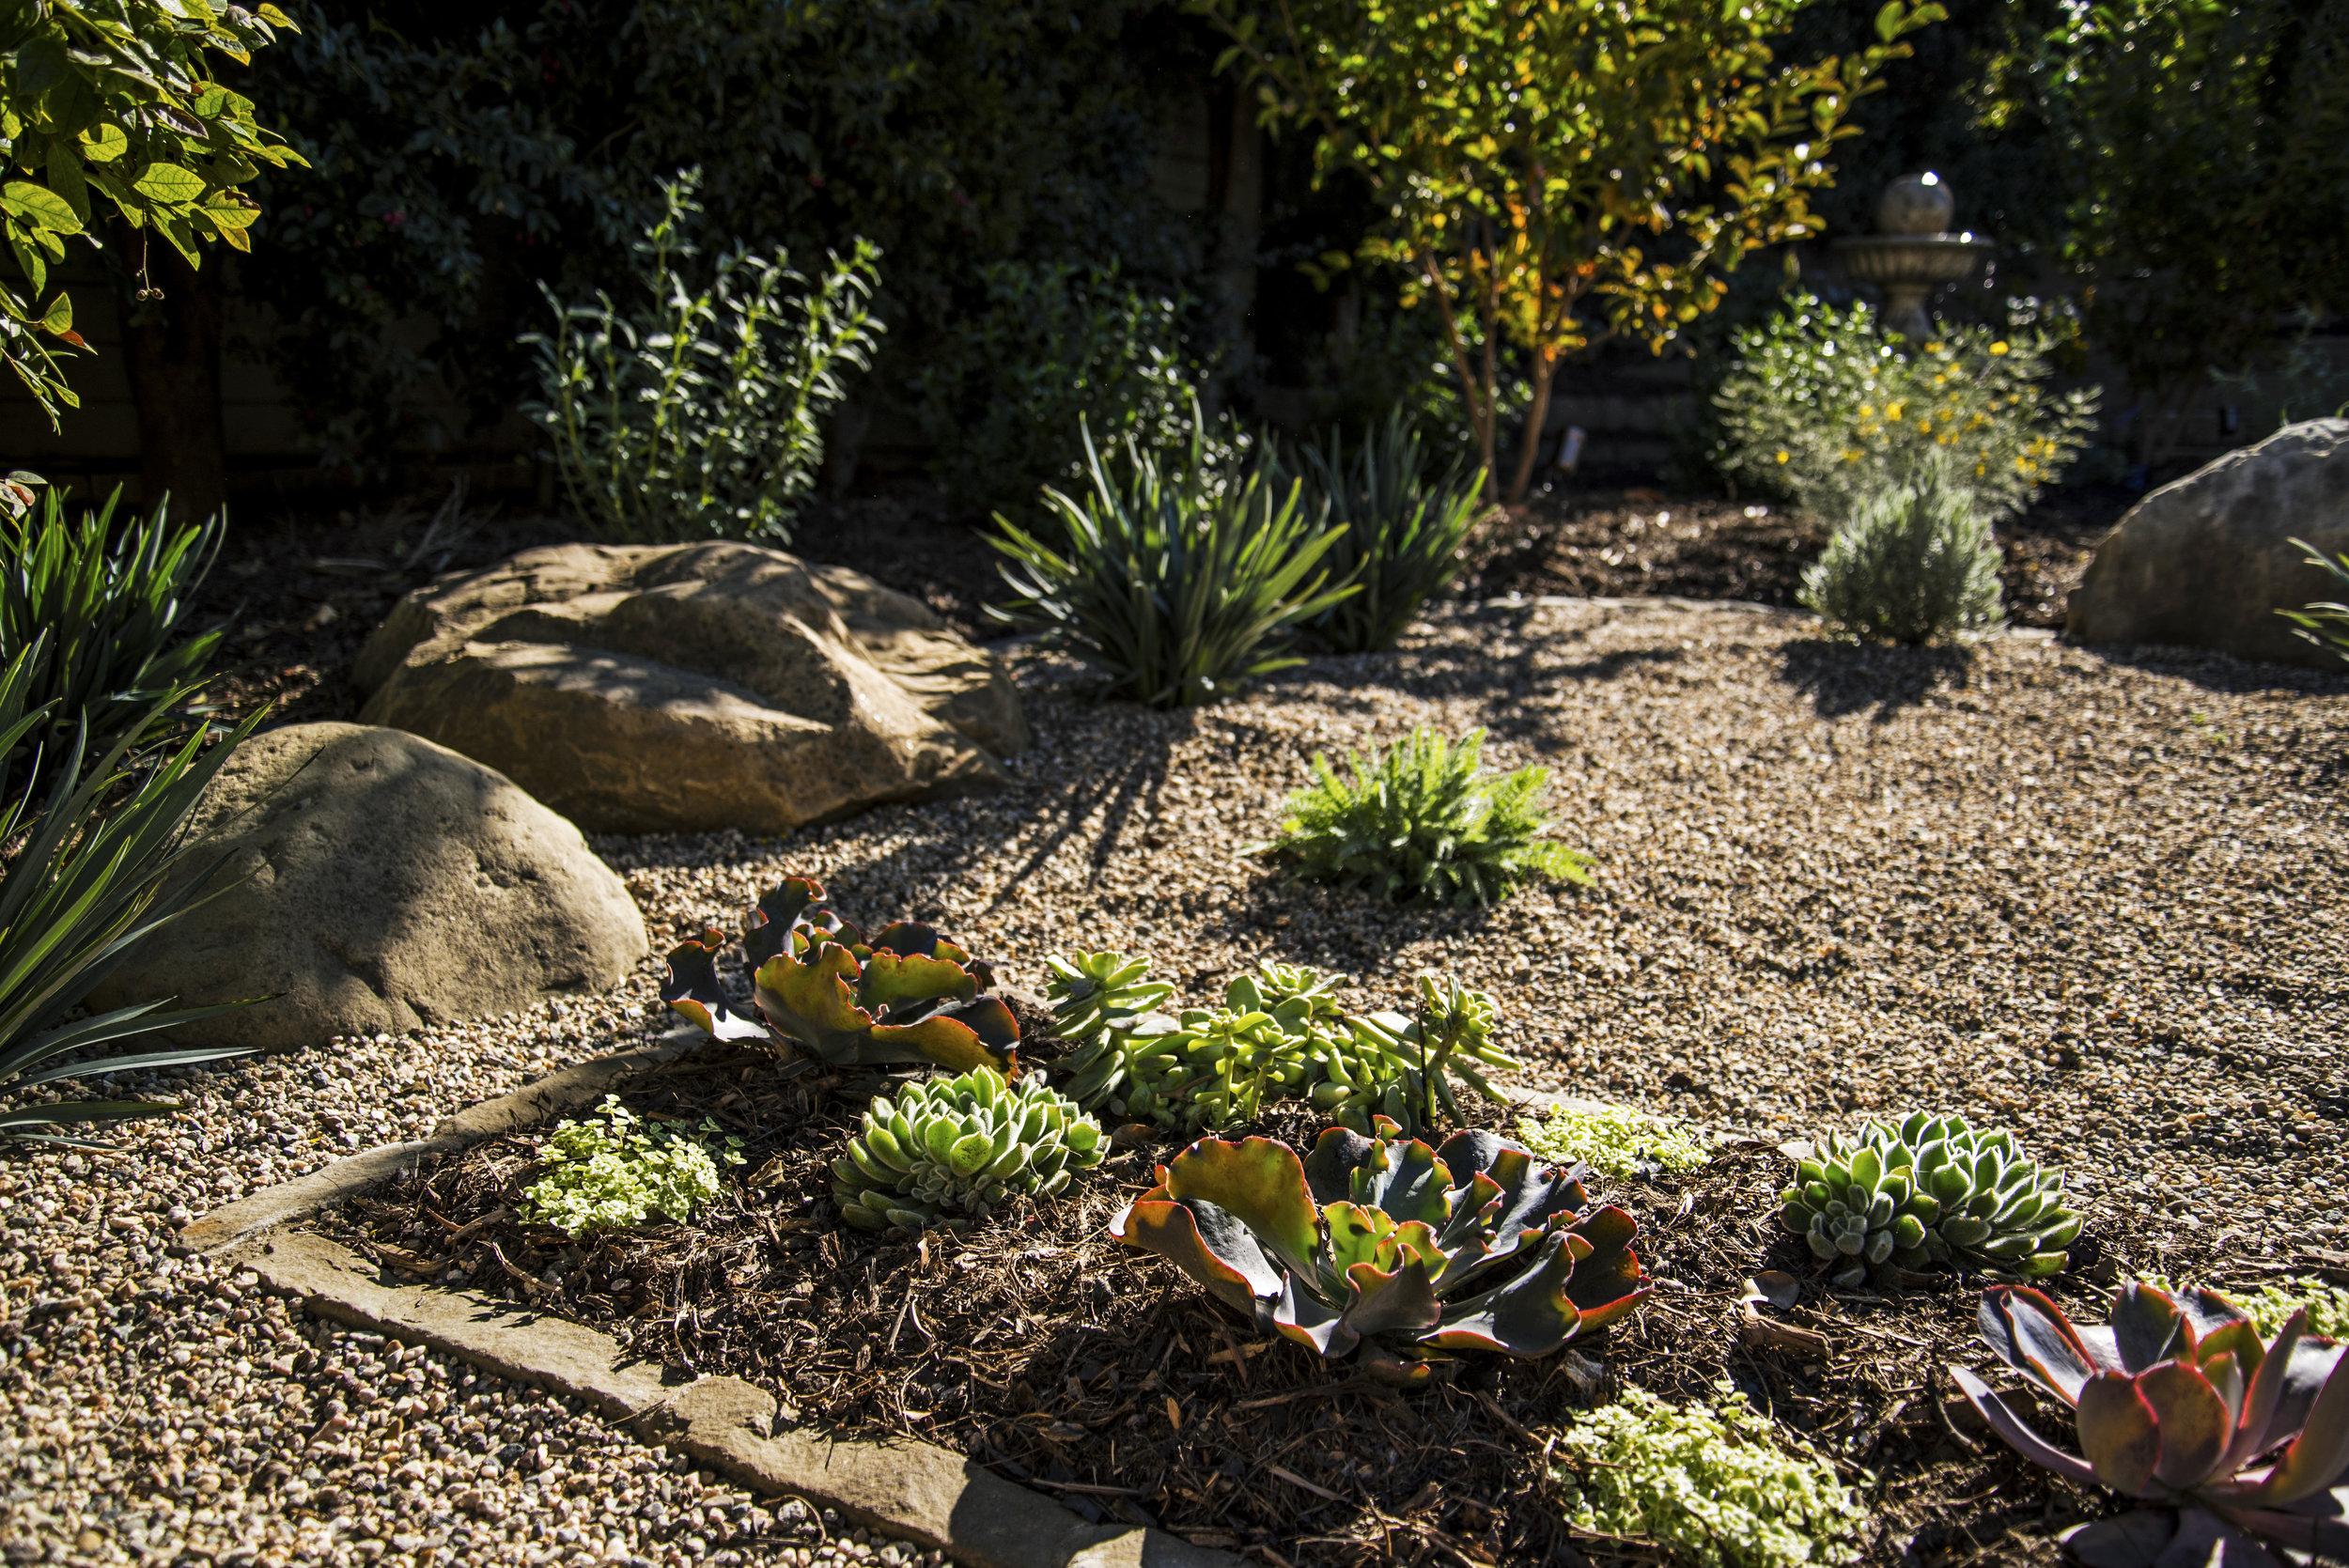 drought tolerant landscape with succulents